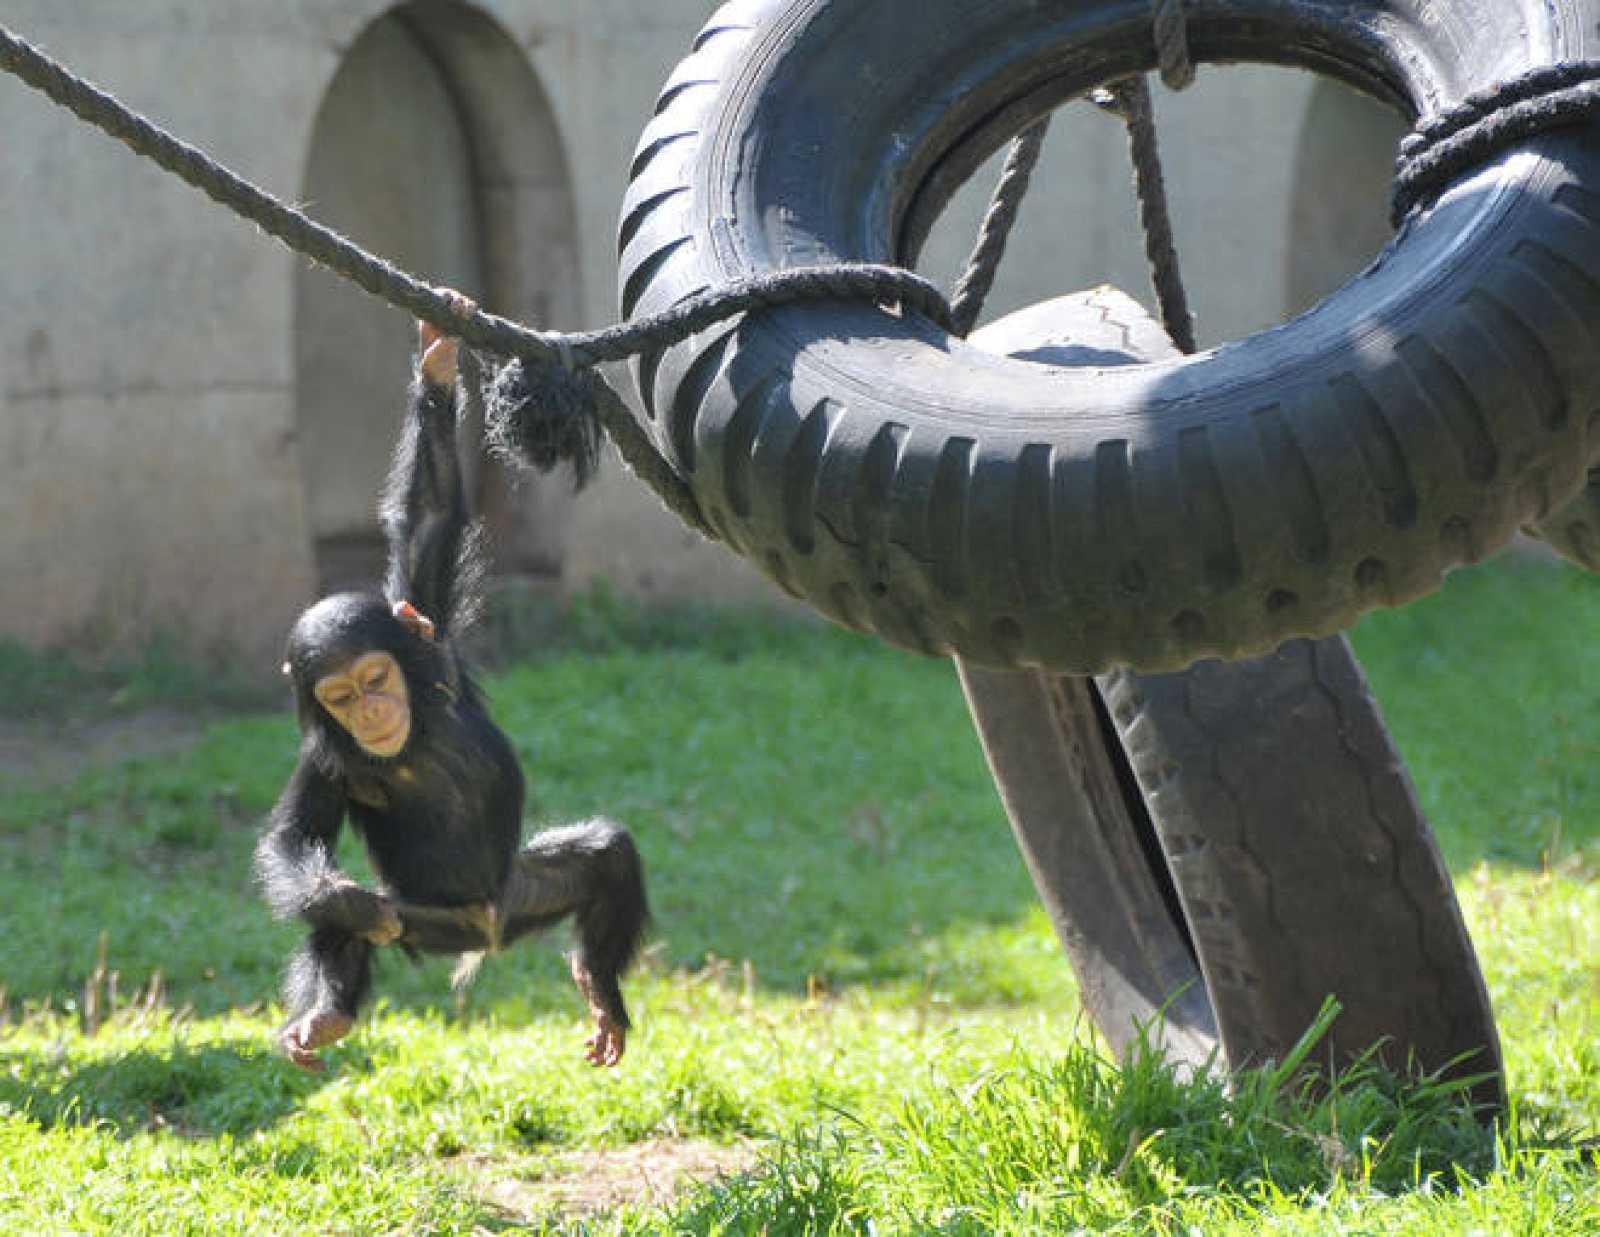 Científicos norteamericanos presentan la primera evidencia de distinción de juguetes entre los chimpancés en función del sexo